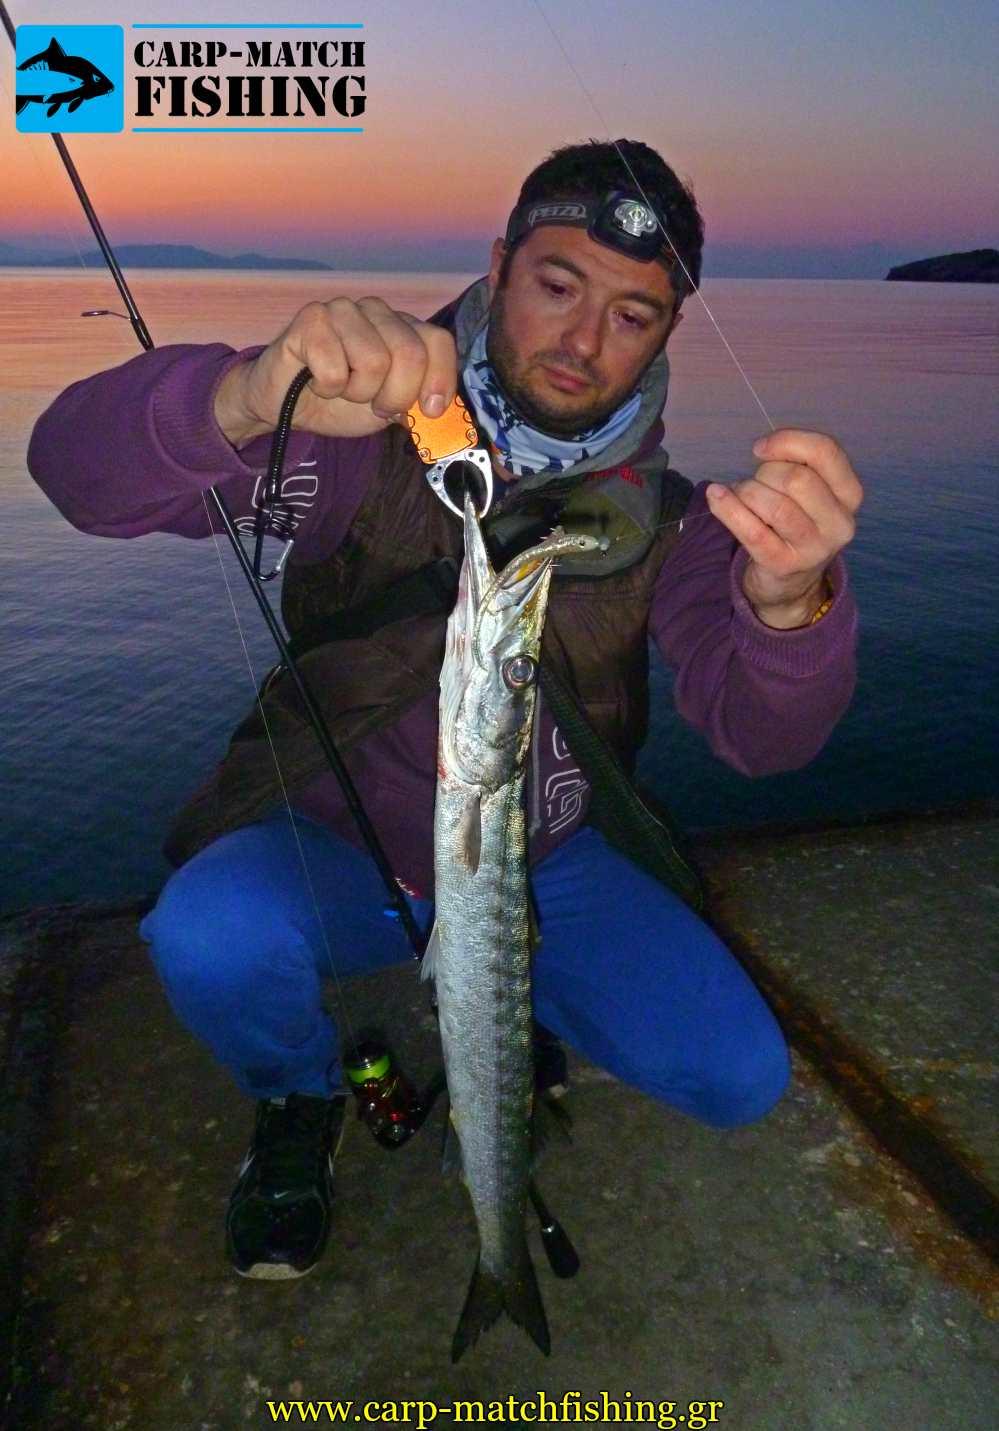 lrf loutsos light rock fishing silikones spinning sfaltos carpmatchfishing